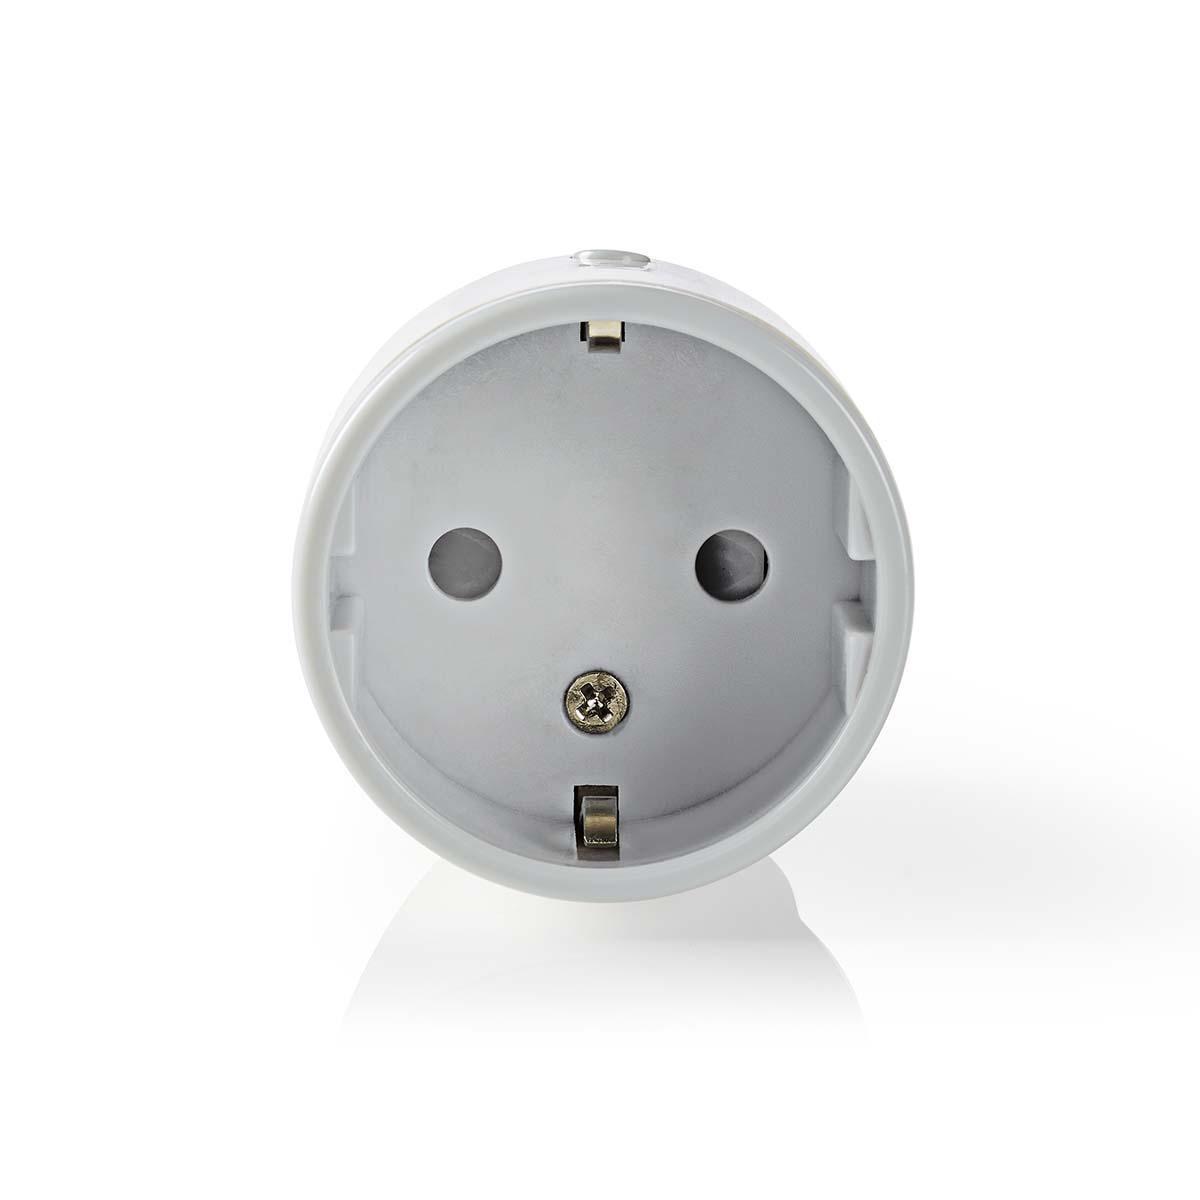 Controle todos os tipos de dispositivos elétricos remotamente, simplesmente conectando-os a este plug inteligente sem fio e conectando-os ao seu smartphone ou tablet através de um roteador Wi-Fi. Com o prático medidor de fluxo, você pode ver de imediato e